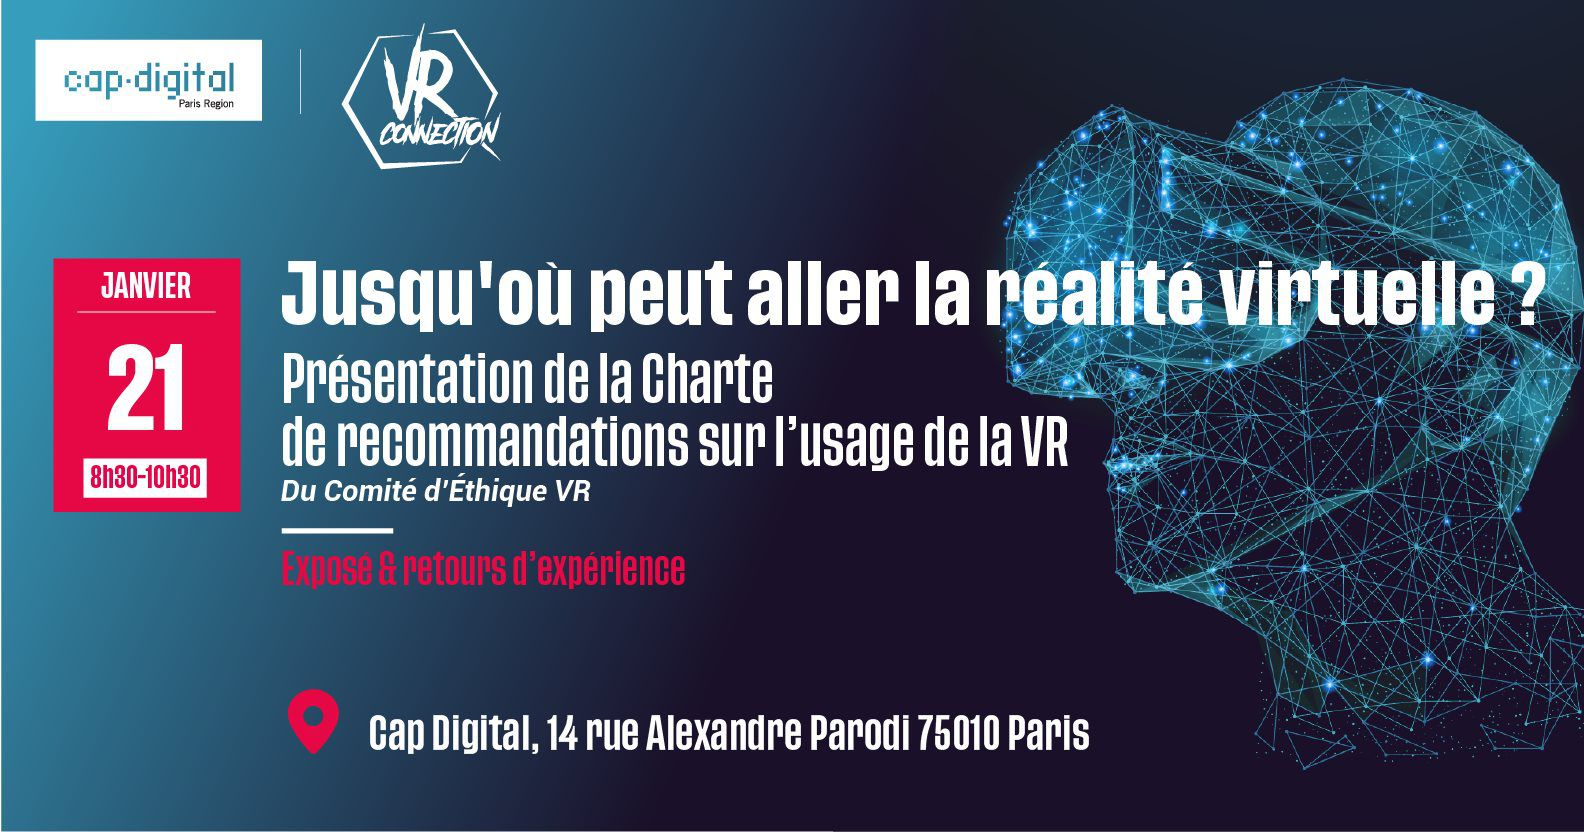 Jusqu'où peut aller la réalité virtuelle ?